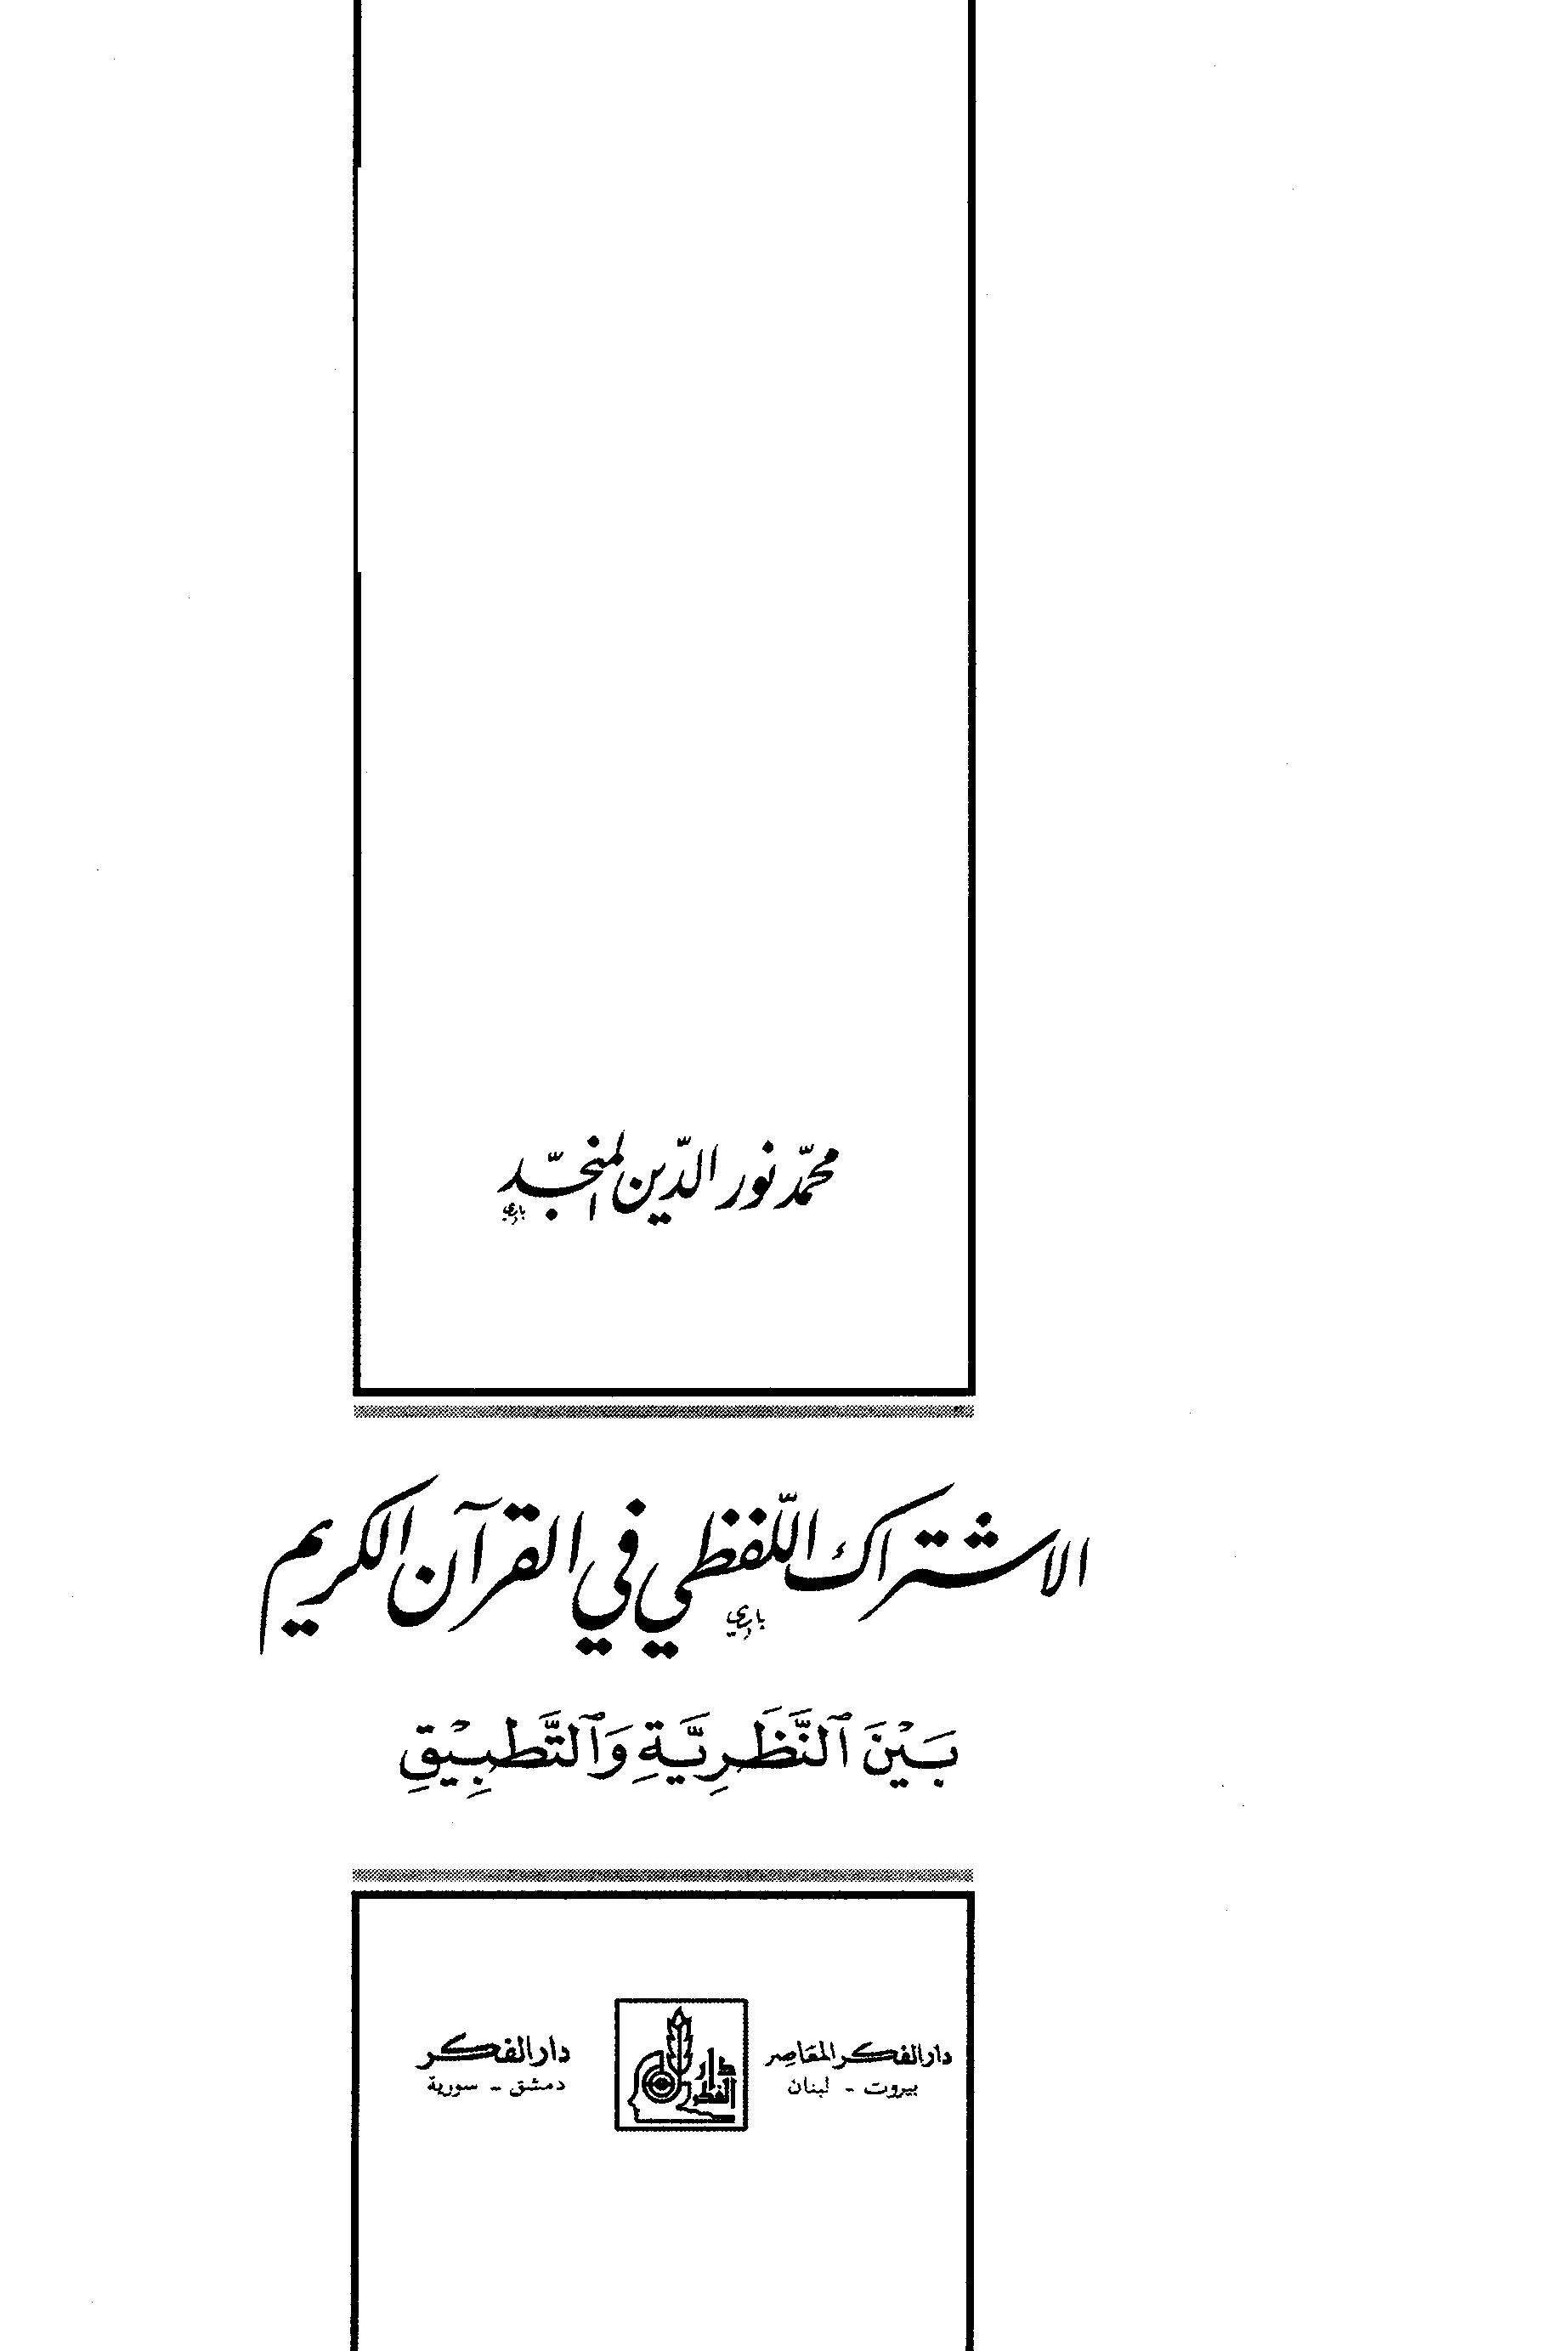 تحميل كتاب الاشتراك اللفظي في القرآن الكريم بين النظرية والتطبيق لـِ: الدكتور محمد نور الدين المنجد